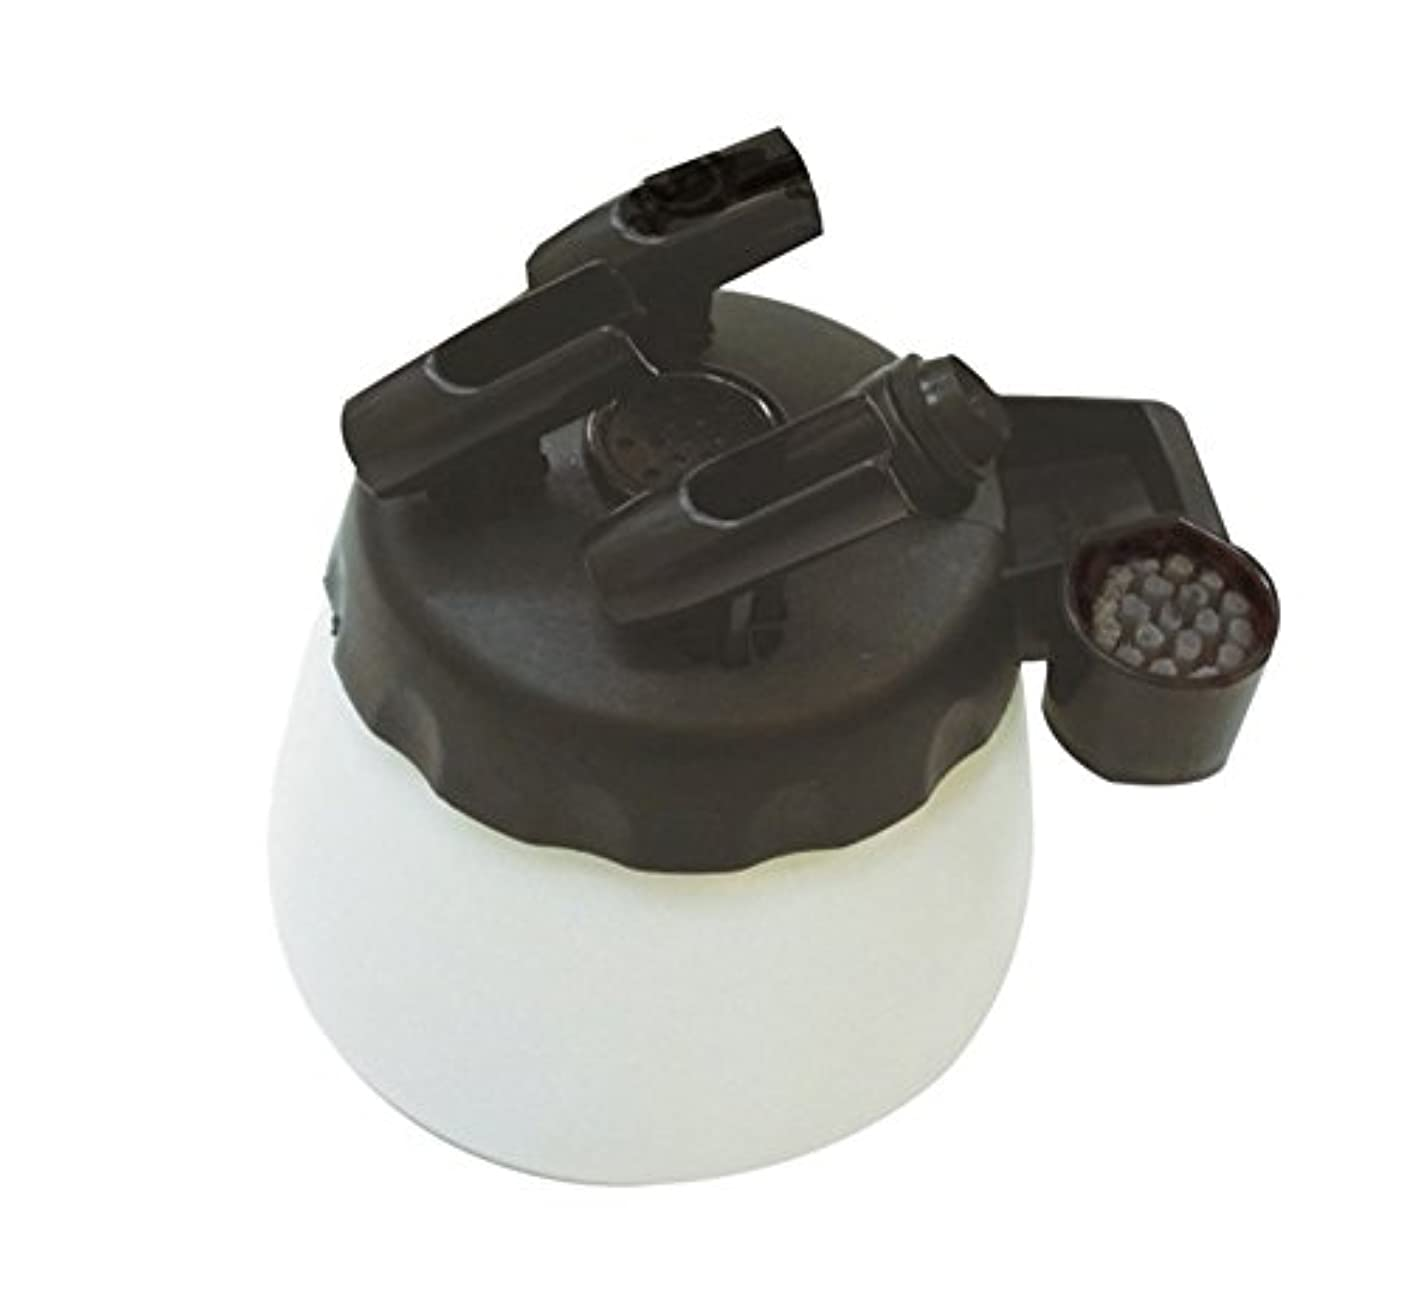 アウトドアダウンタウンバンジージャンプAIRTEX クリーナーボトル ケトル2 エアブラシ洗浄